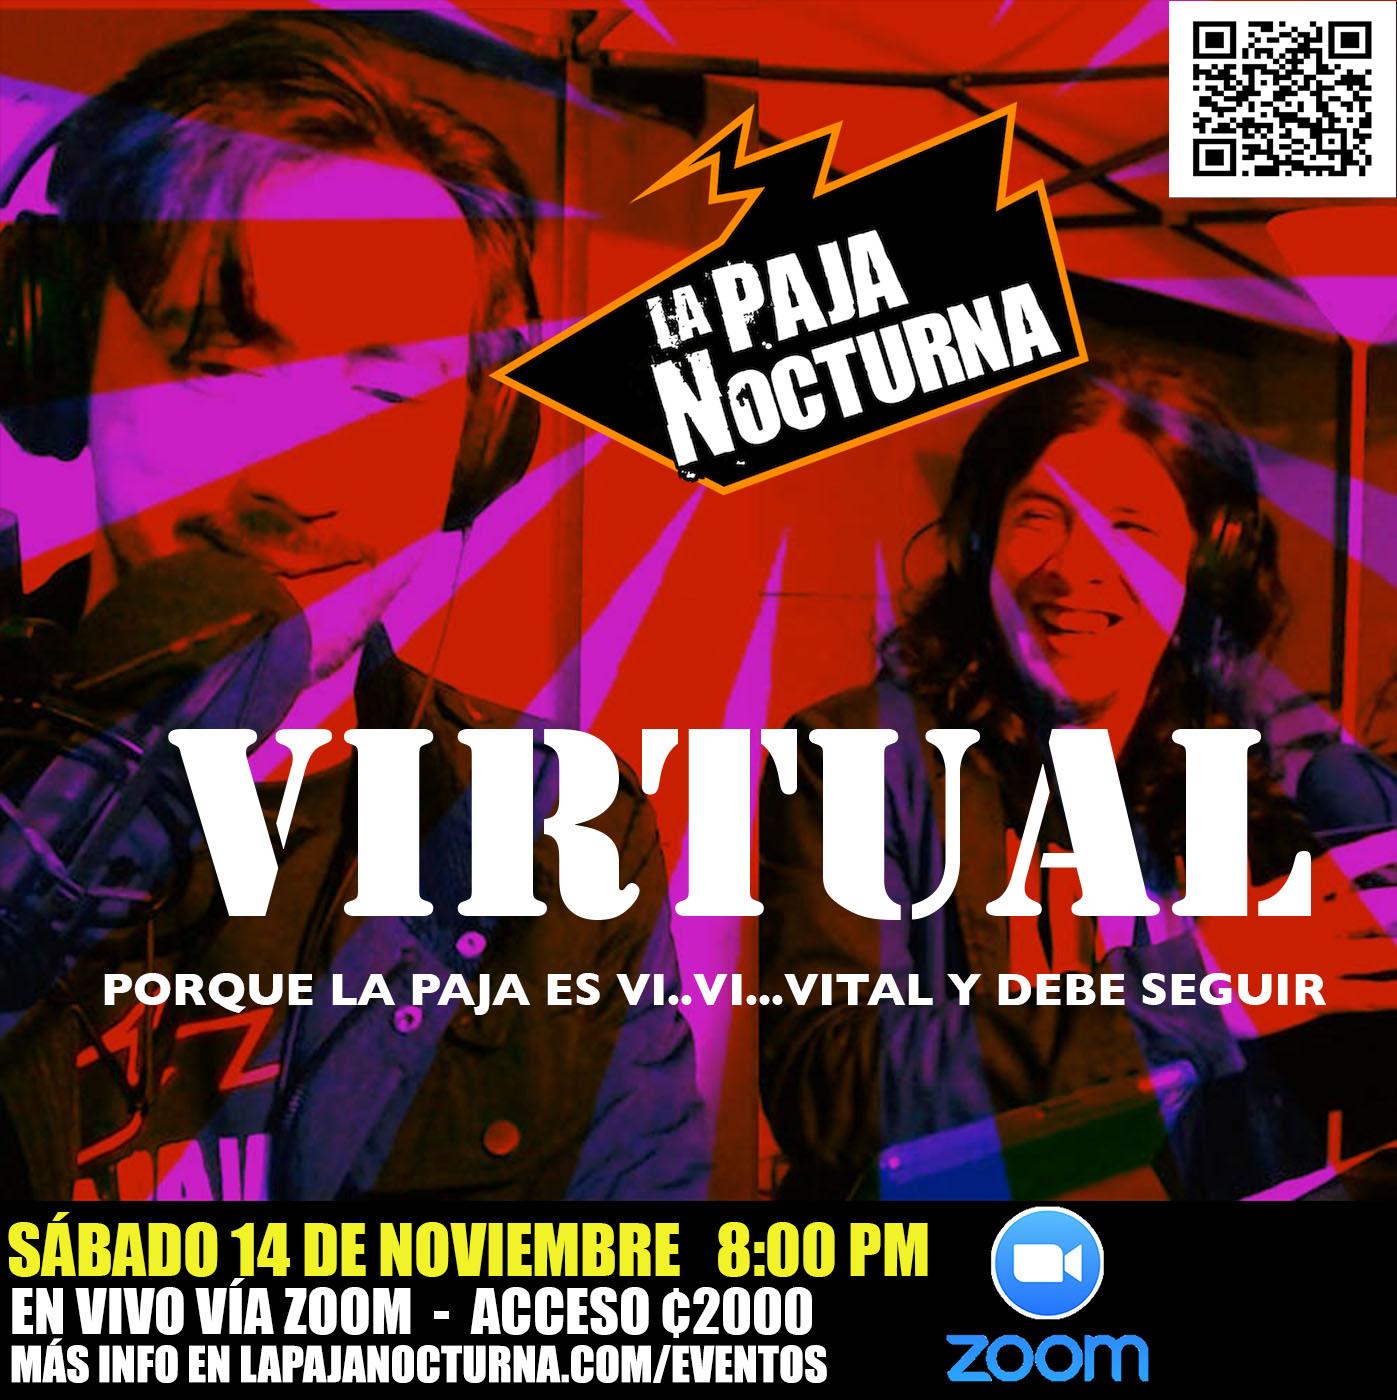 La Paja Nocturna Virtual En Vivo 14 Noviembre